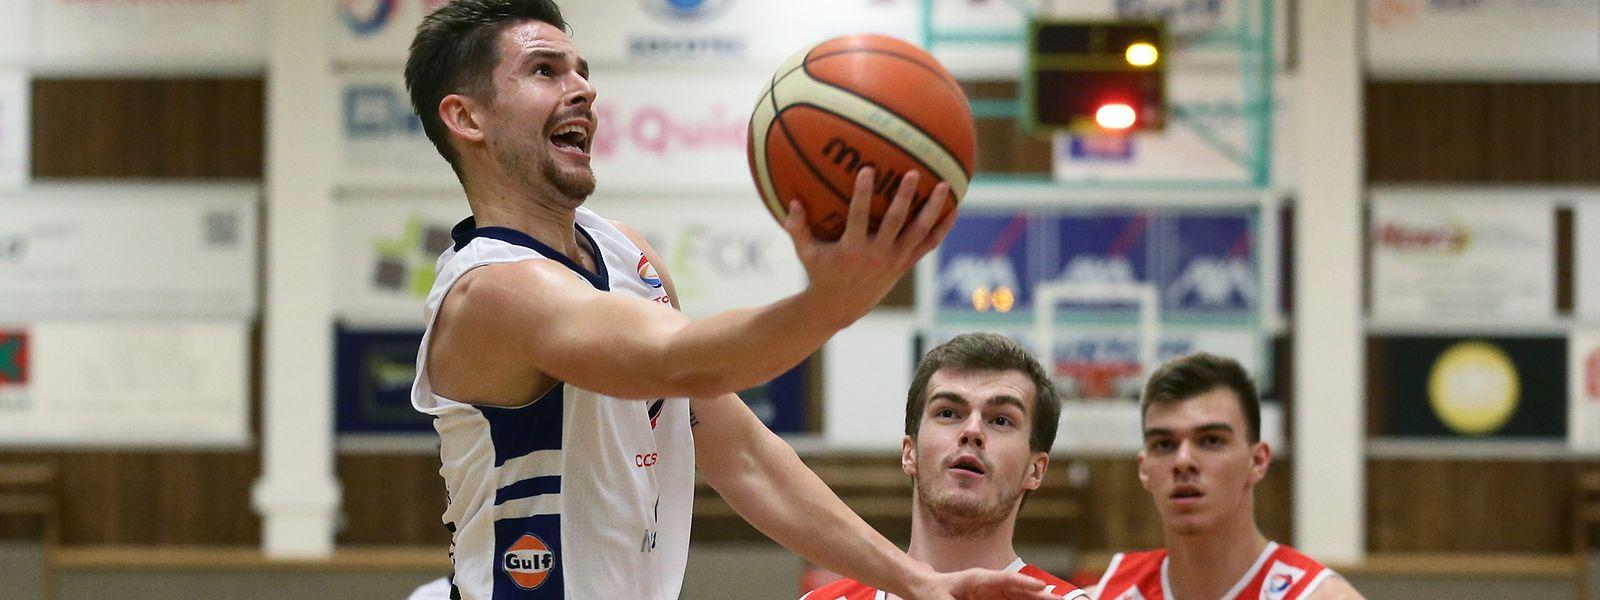 Pit Biever und Basket Esch müssen am ersten Spieltag gegen Amicale antreten.